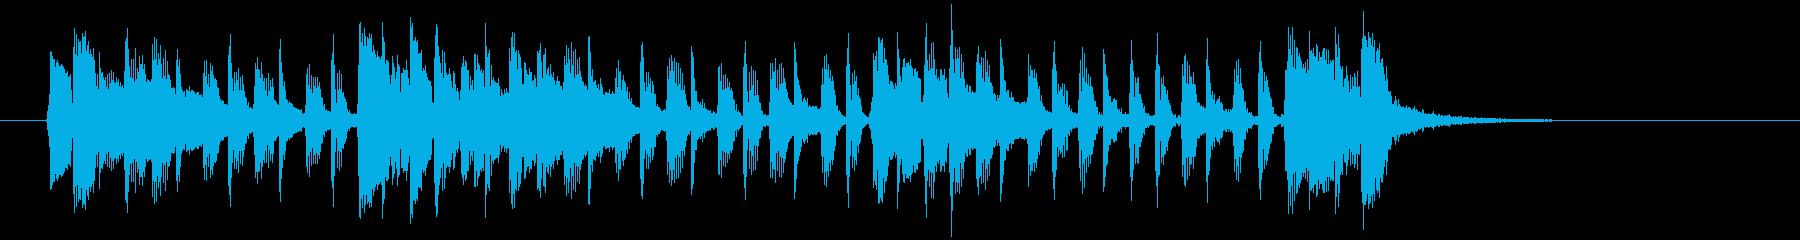 アコギが特徴なポップスバンドのジングルの再生済みの波形